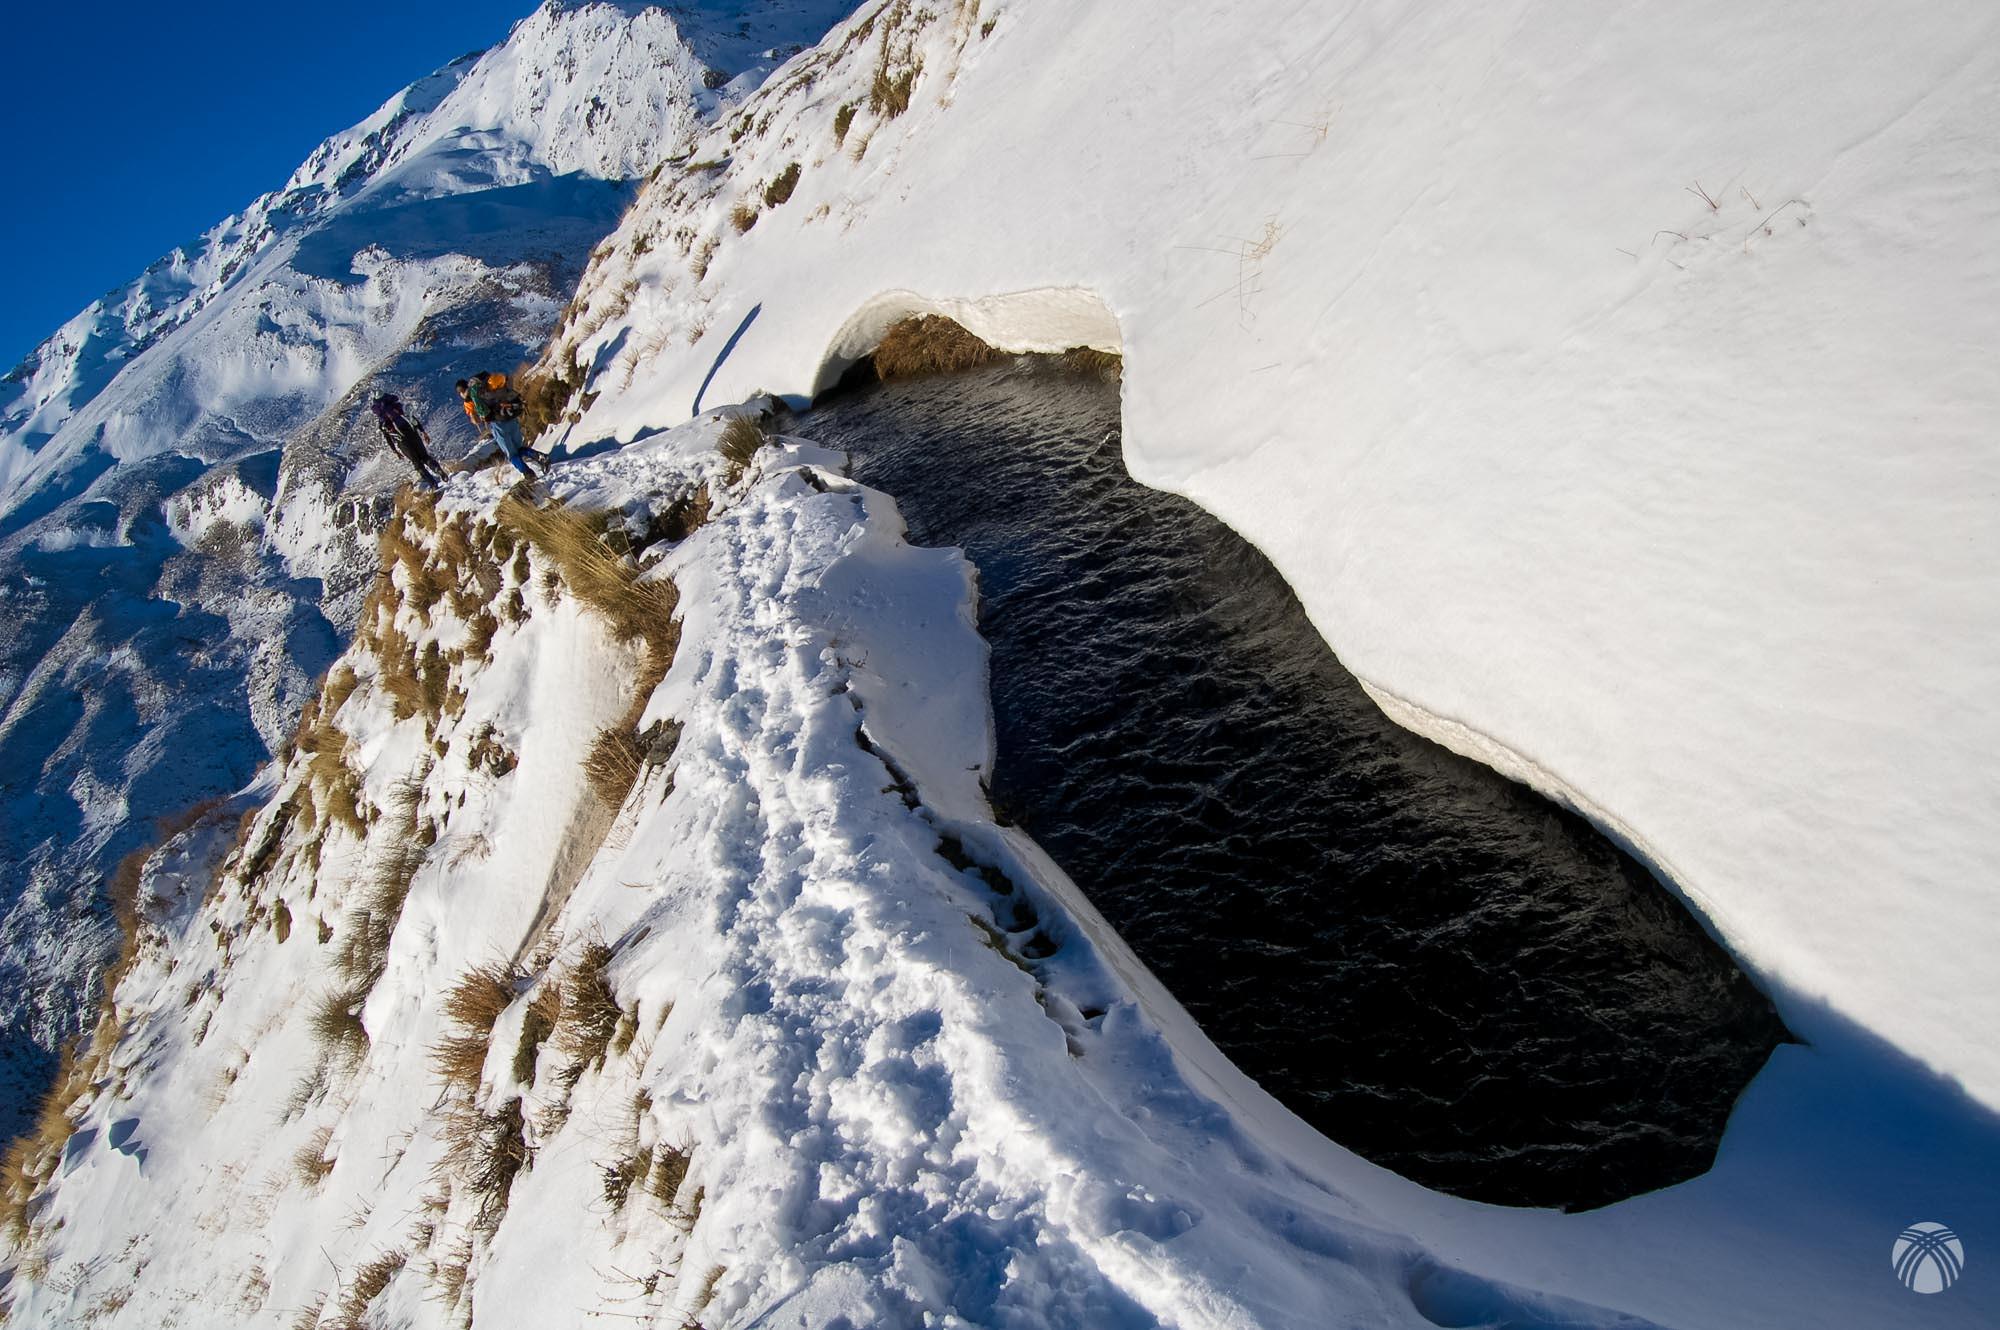 Detalle de la acequia y la cantidad de nieve